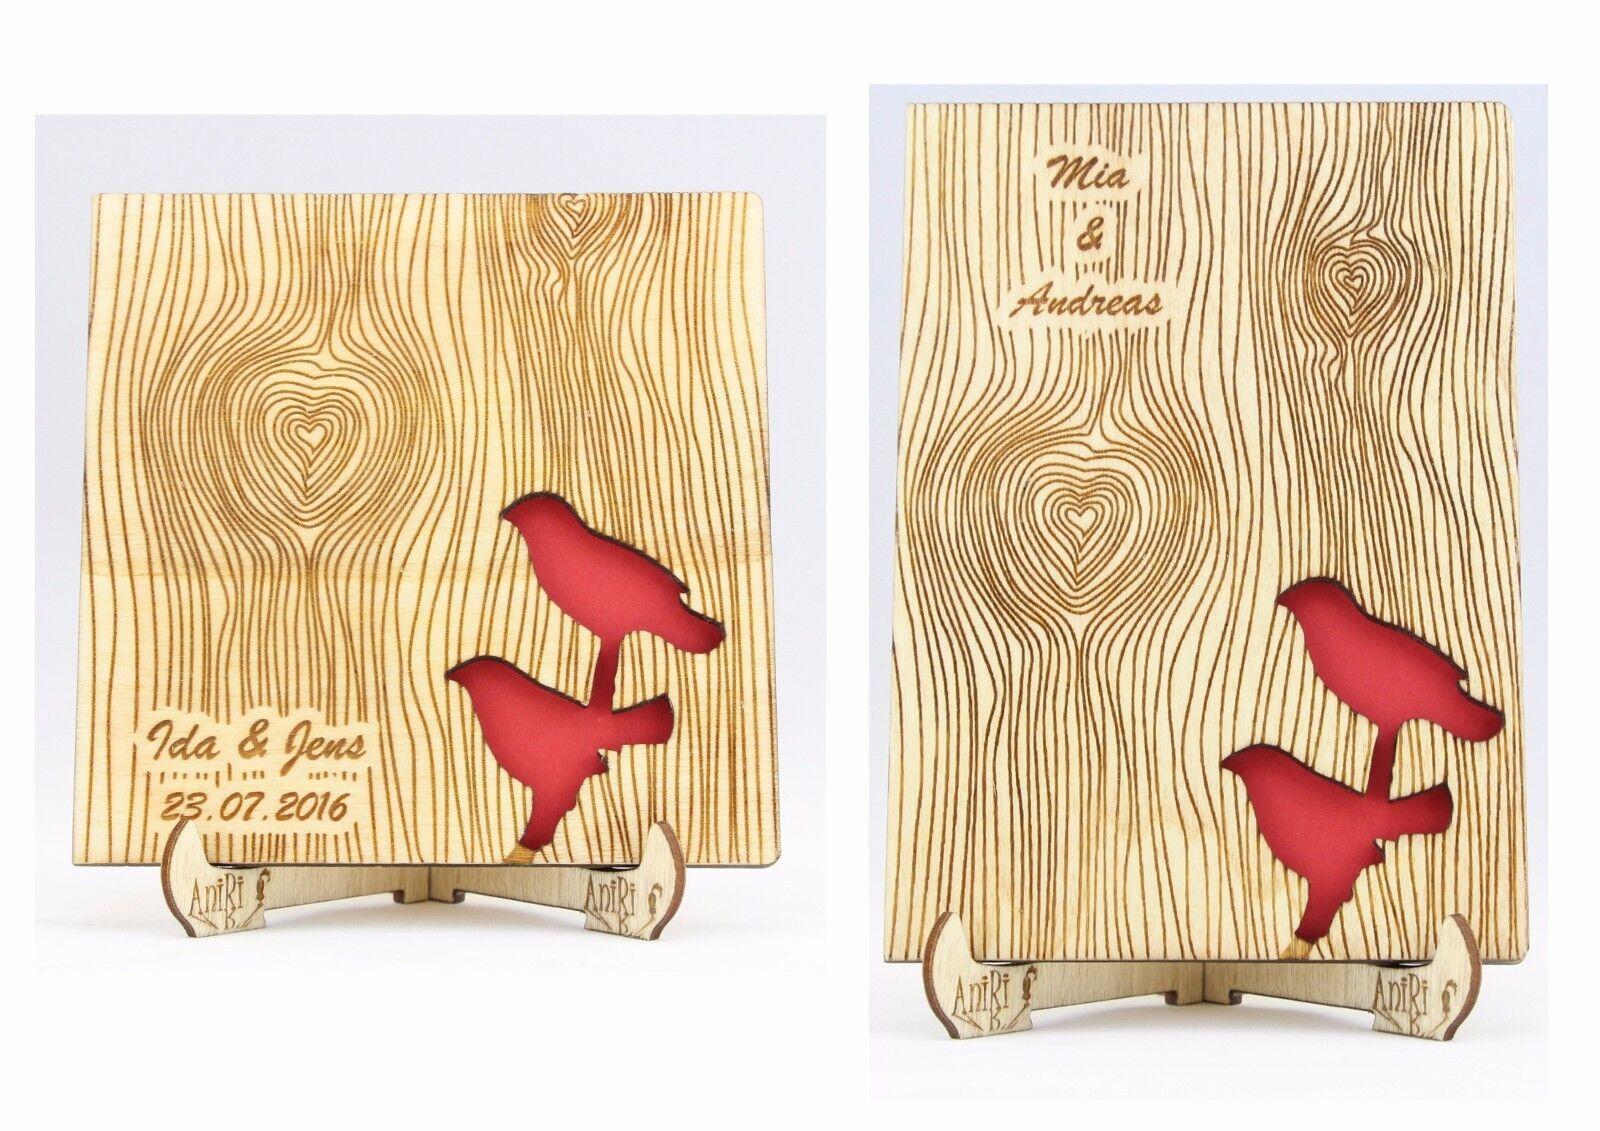 Personalisiert Gästebuch, Hochzeit, Holzgästebuch, Wedding, Vögel, Holz, Gäste   Good Design    Erste Kunden Eine Vollständige Palette Von Spezifikationen    Stabile Qualität